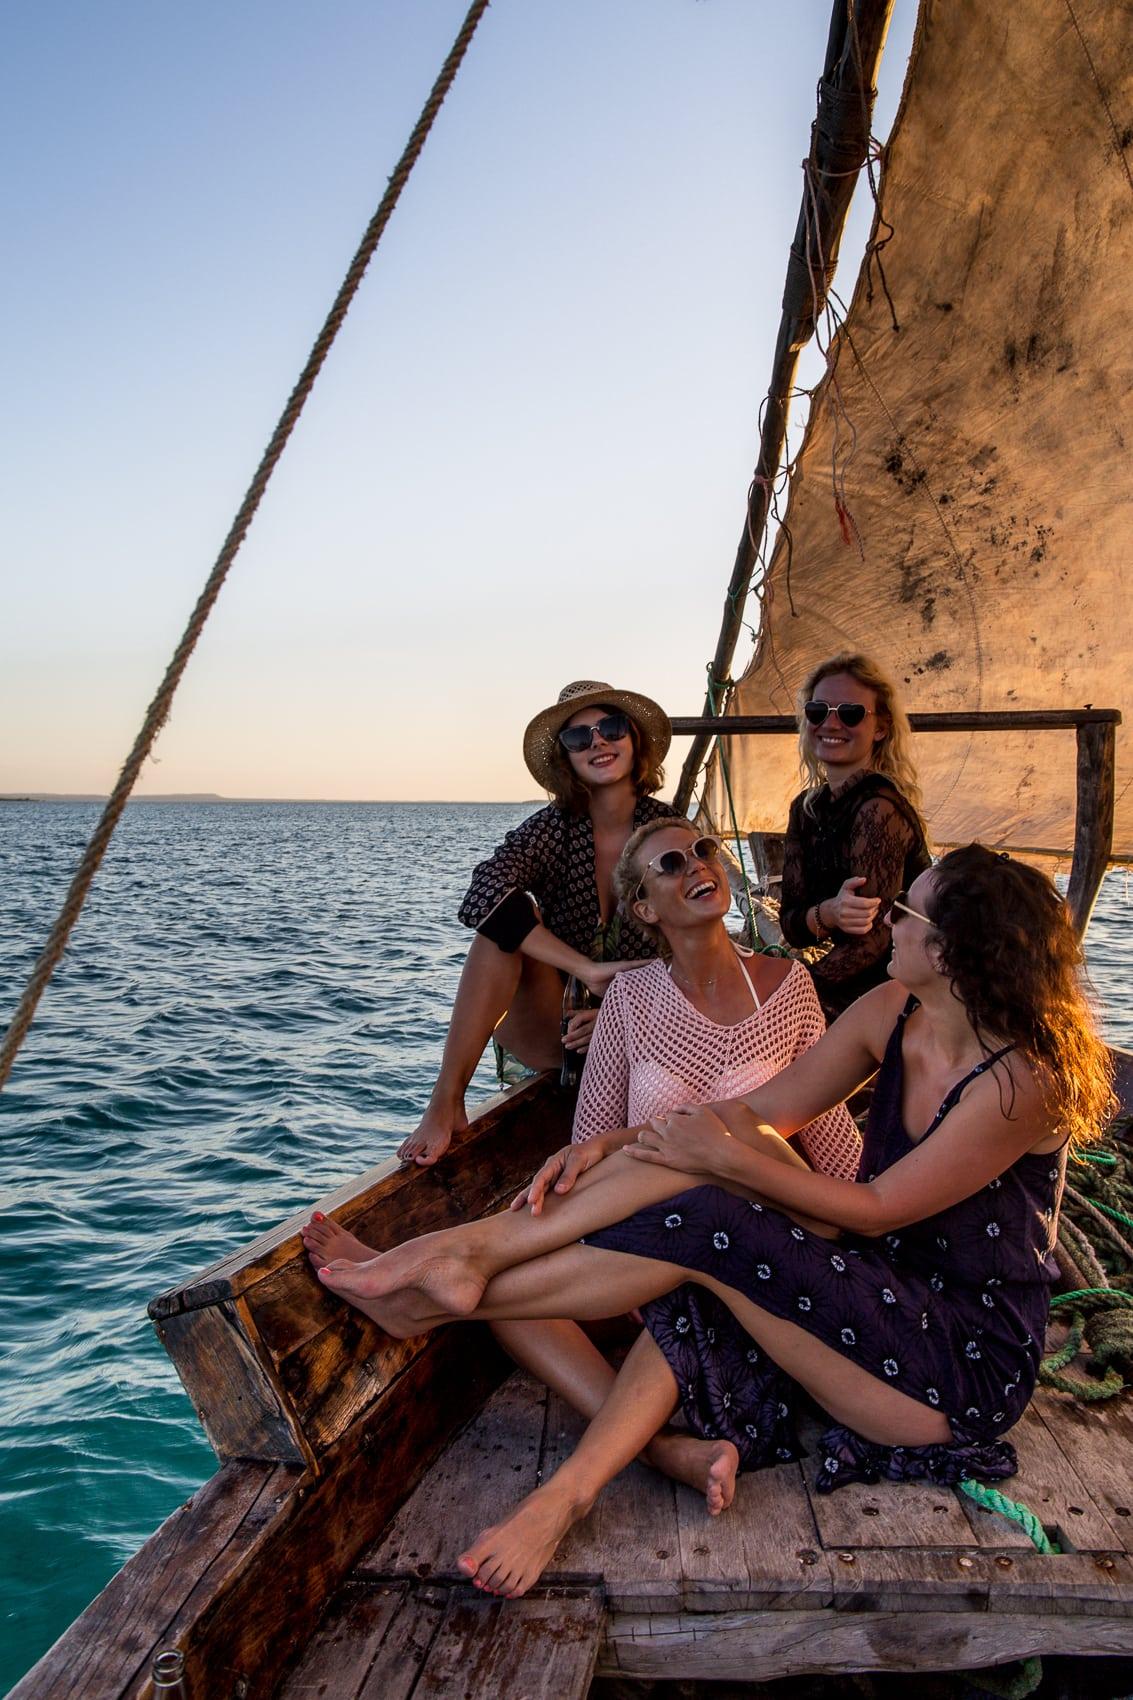 fünf-dinge-die-dich-auf-der-trauminsel-sansibar-überraschen-werden-sunset-cruise-kendwa-beach-reiseblog-des-belles-choses 4